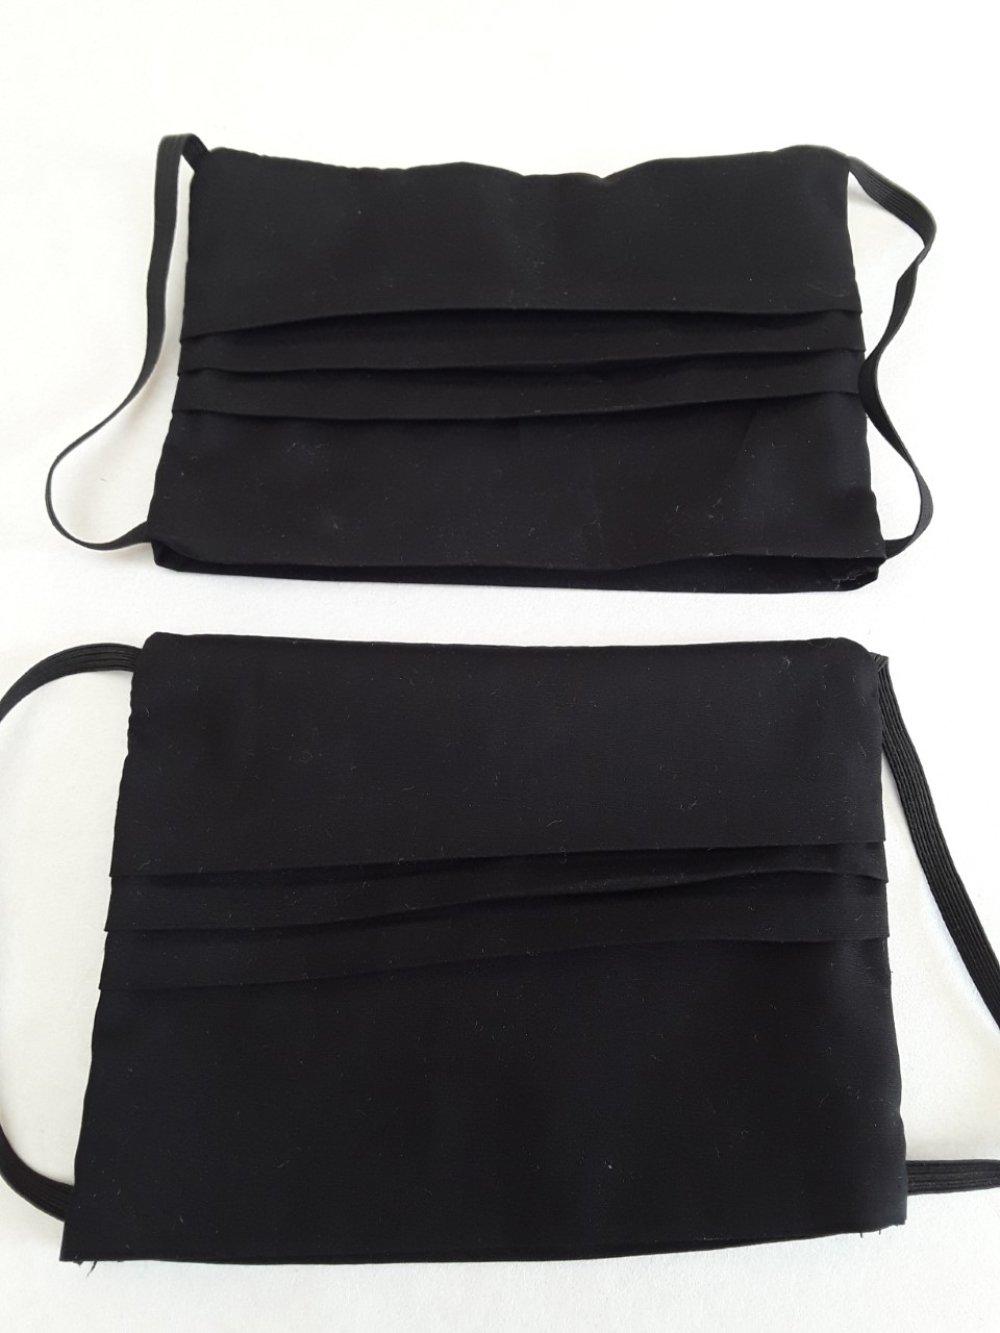 Masque visage,, protection, noir, avec poche filtre, protecteur pour visage adulte en coton - lavable, réutilisable, ( lot 2 piéces )